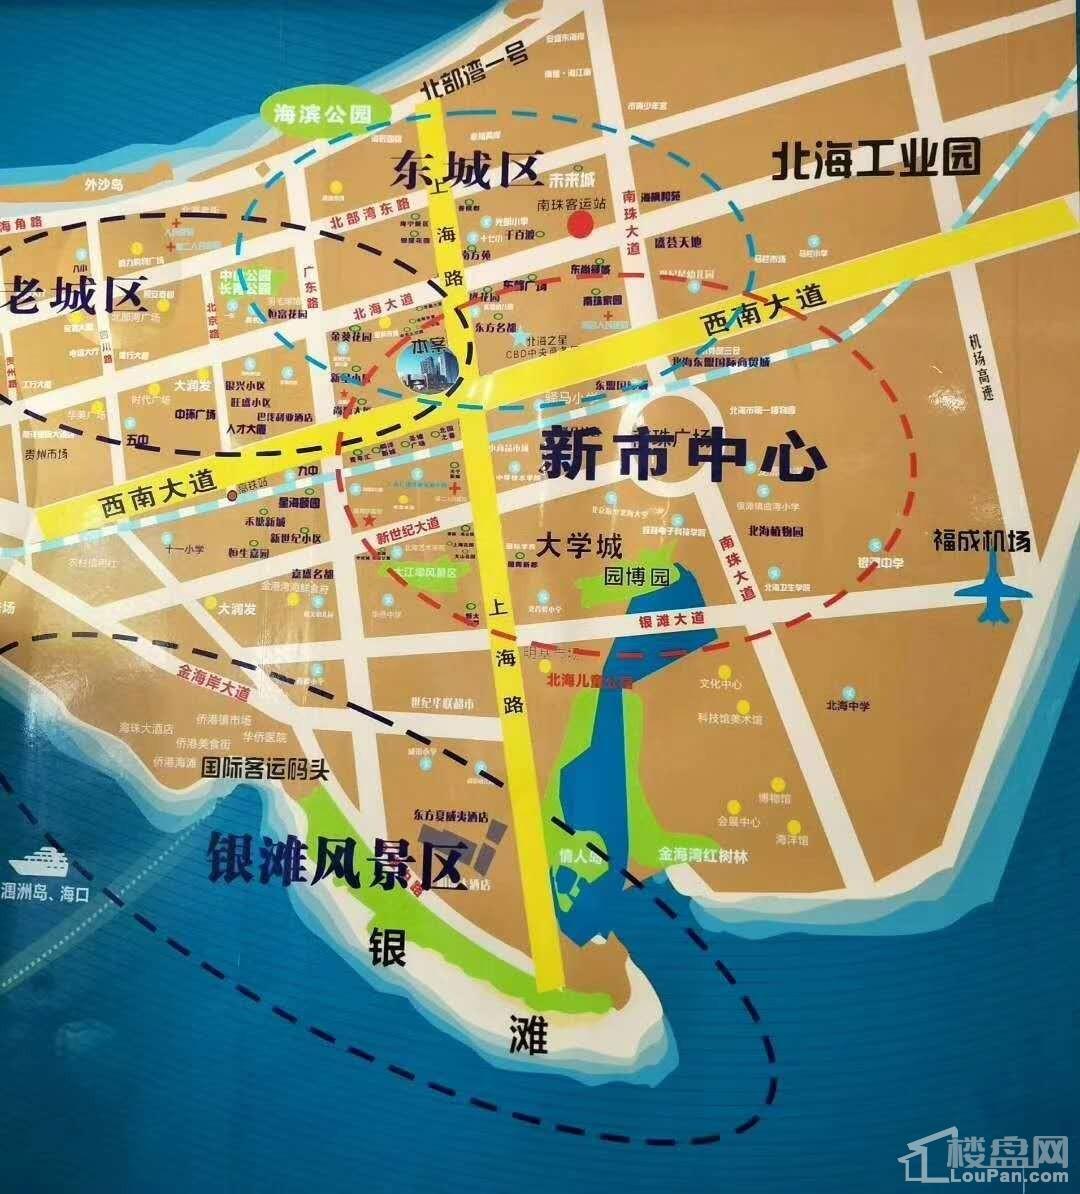 太平洋商业广场区位图